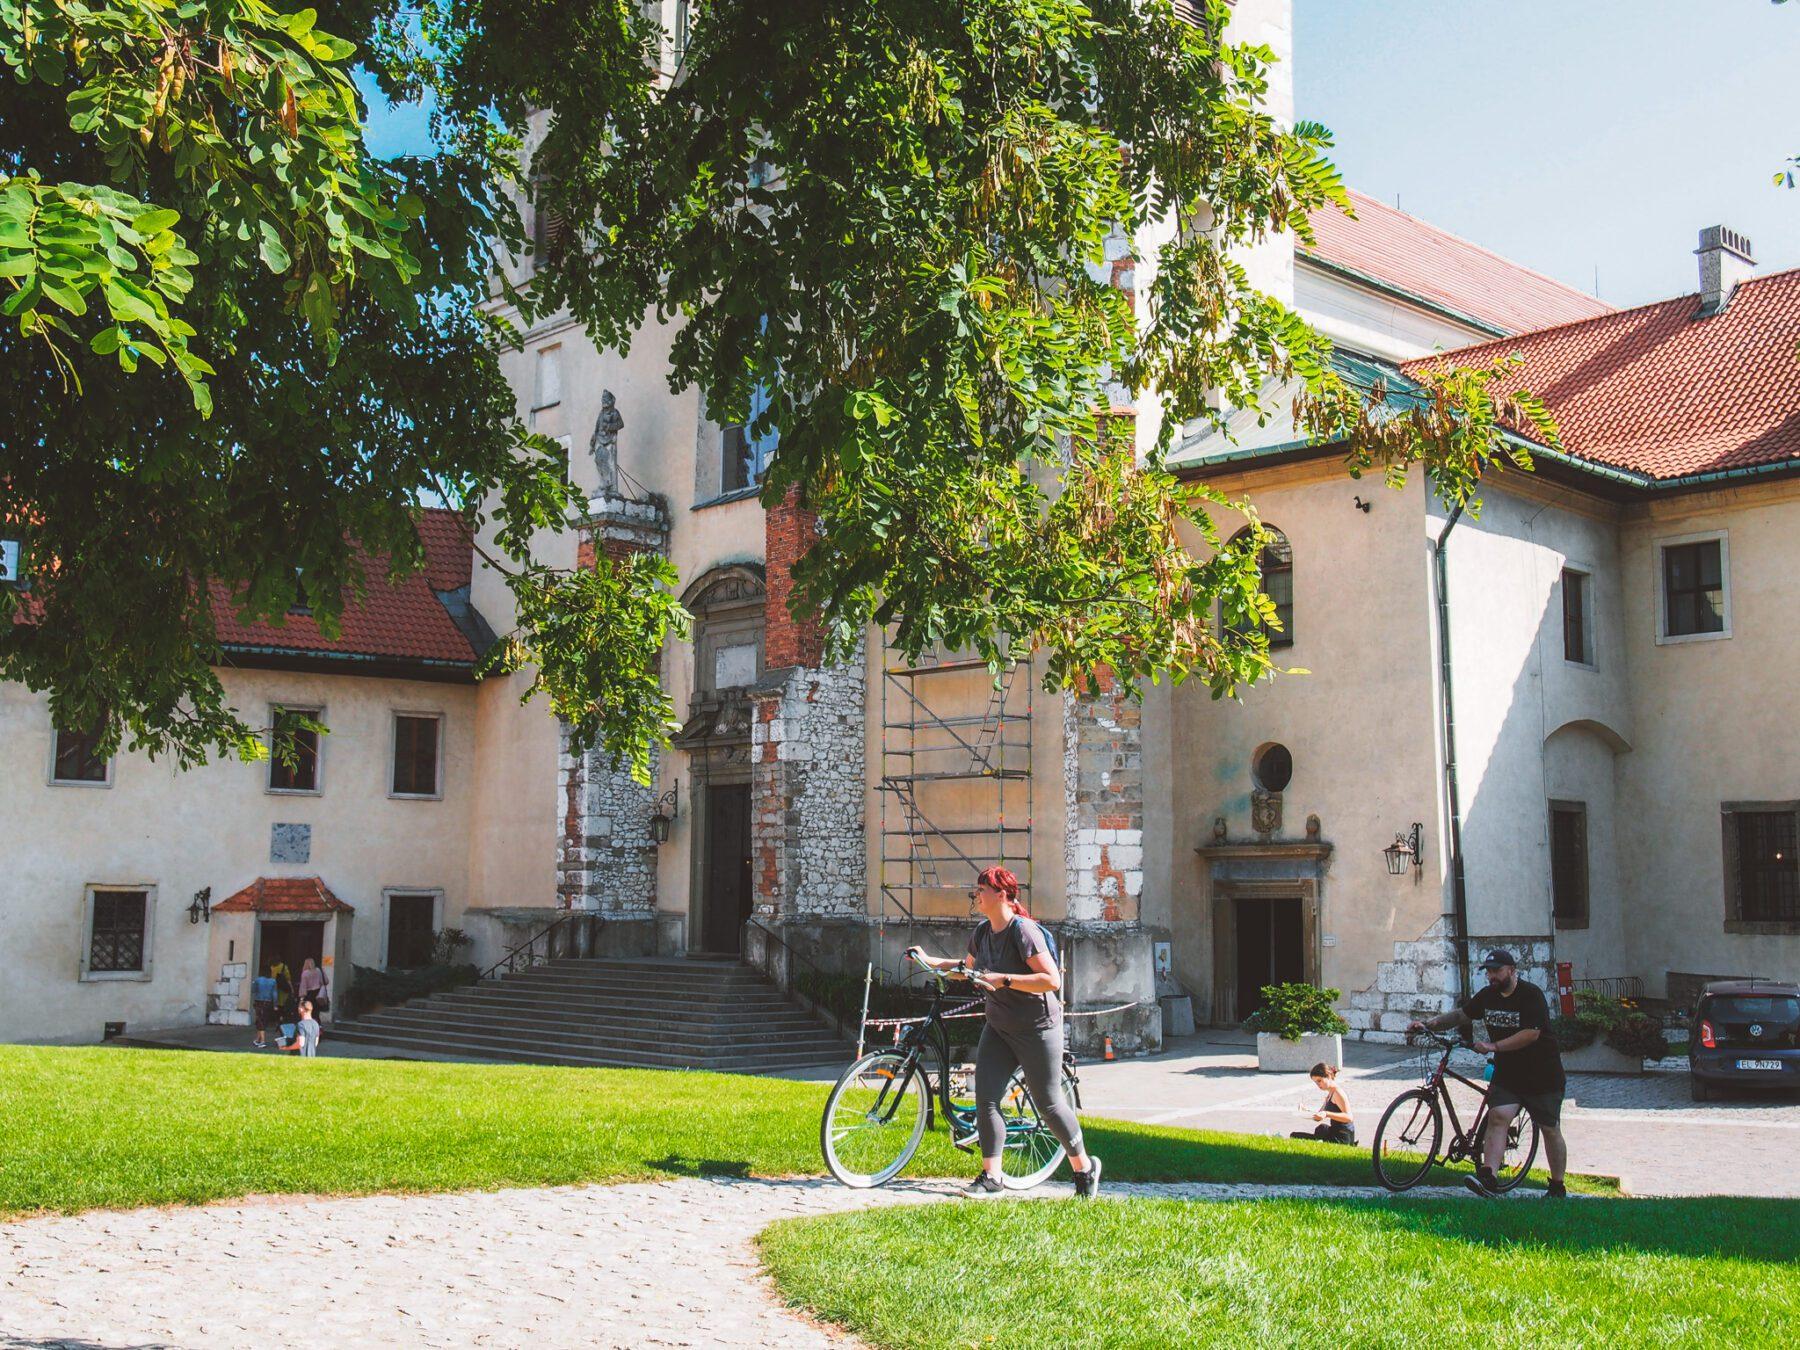 Fietsen in Polen bij het klooster van Tyniec